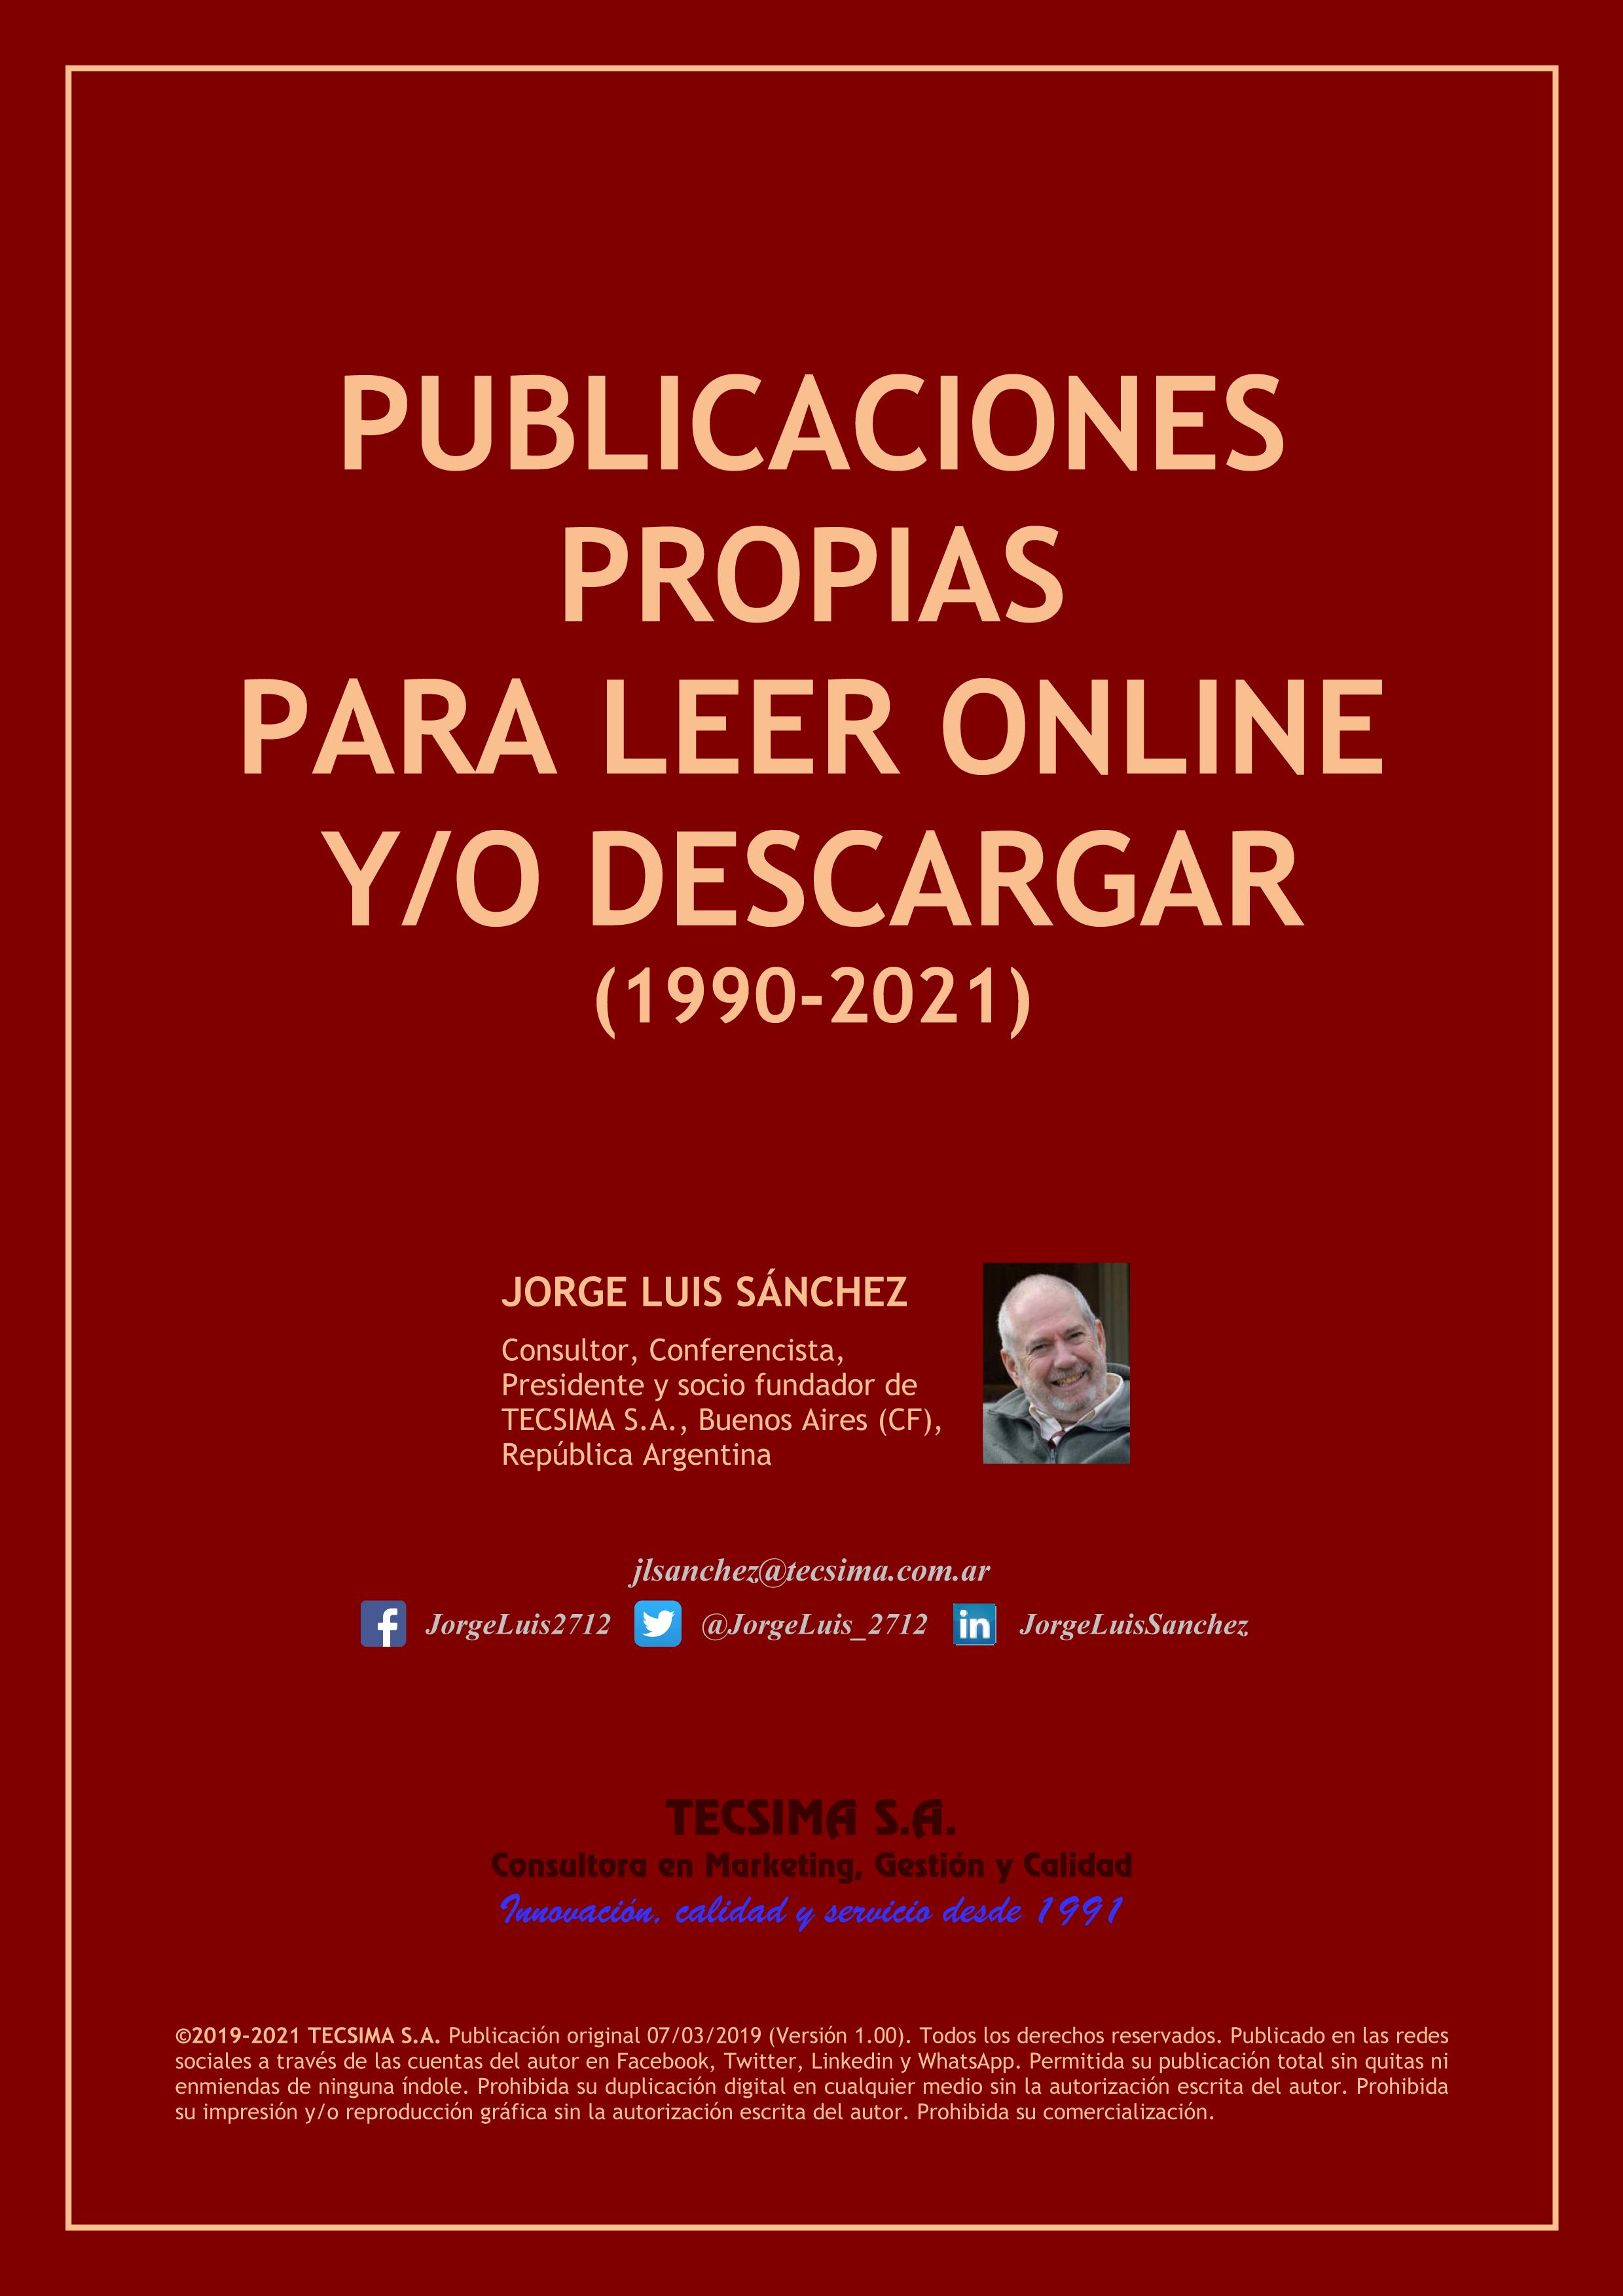 Carátula catálogo PUBLICACIONES PROPIAS PARA LEER ONLINE Y/O DESCARGAR